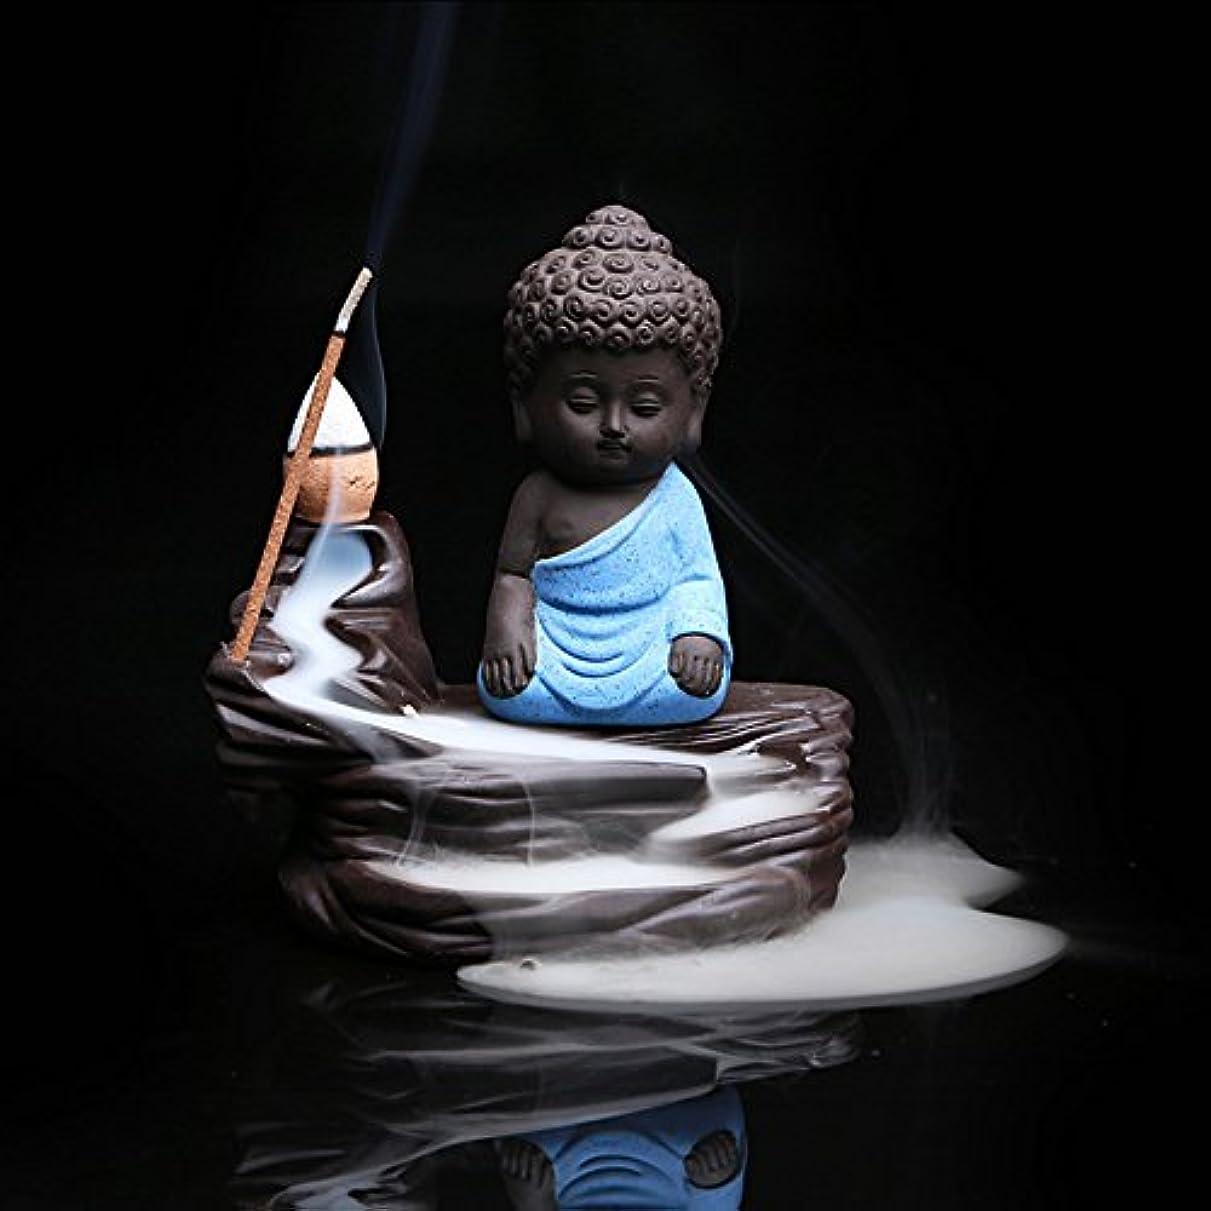 永久無意識ターゲットZehuiホームデコレーションクリエイティブ逆流香炉コーンスティックホルダーSmall Buddhaセラミック香炉ホーム装飾 ブルー mhy-ZJ1204-jj125